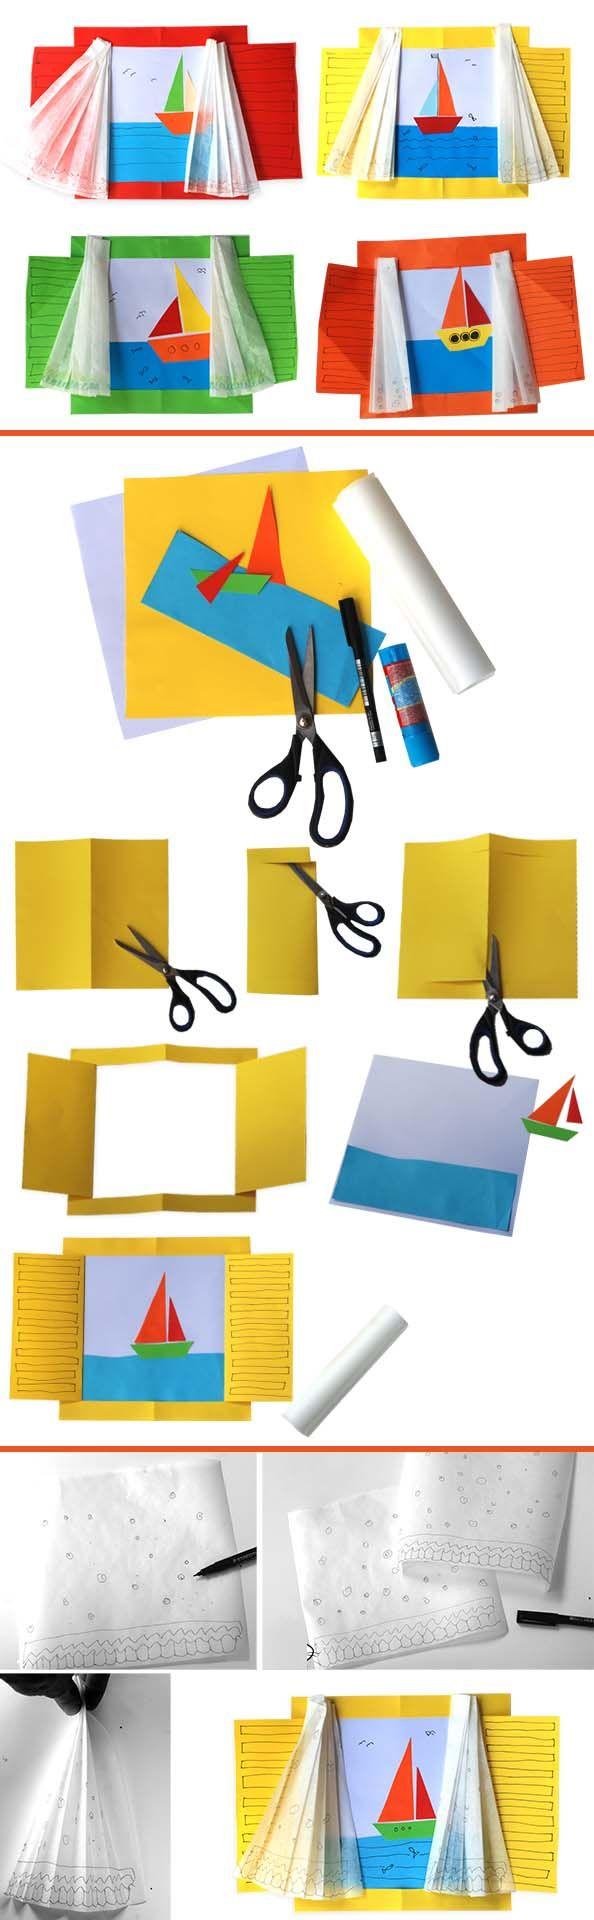 Kağıttan Pencere nasıl yapılır etkinlikleri çalışması ve örnekleri yapımı, yapılışı web sitesi sayfası yapmak.